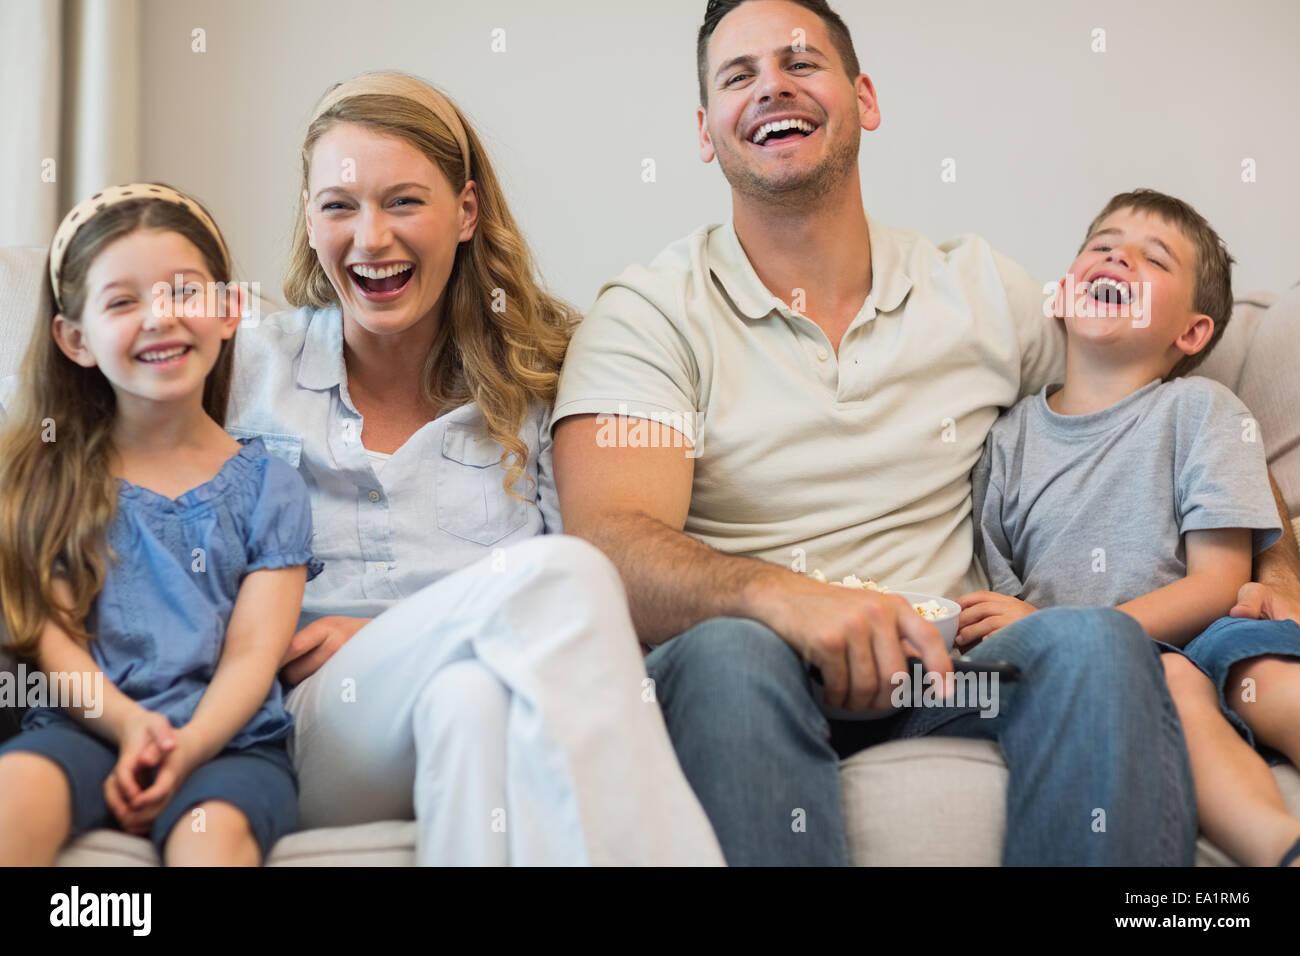 Familia Feliz sentado en el sofá Imagen De Stock